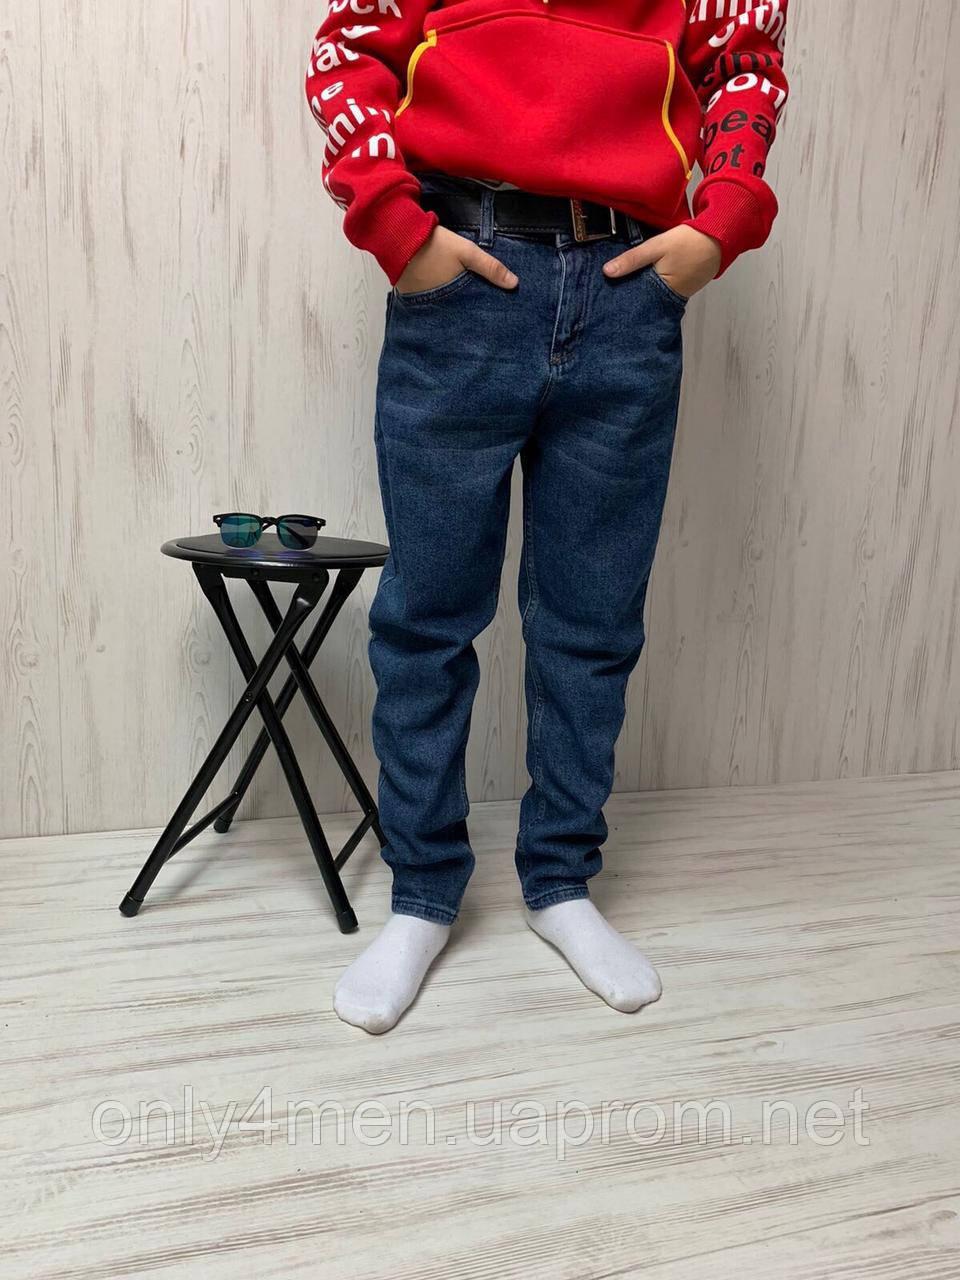 Джинсы стильные для мальчика 146-170см